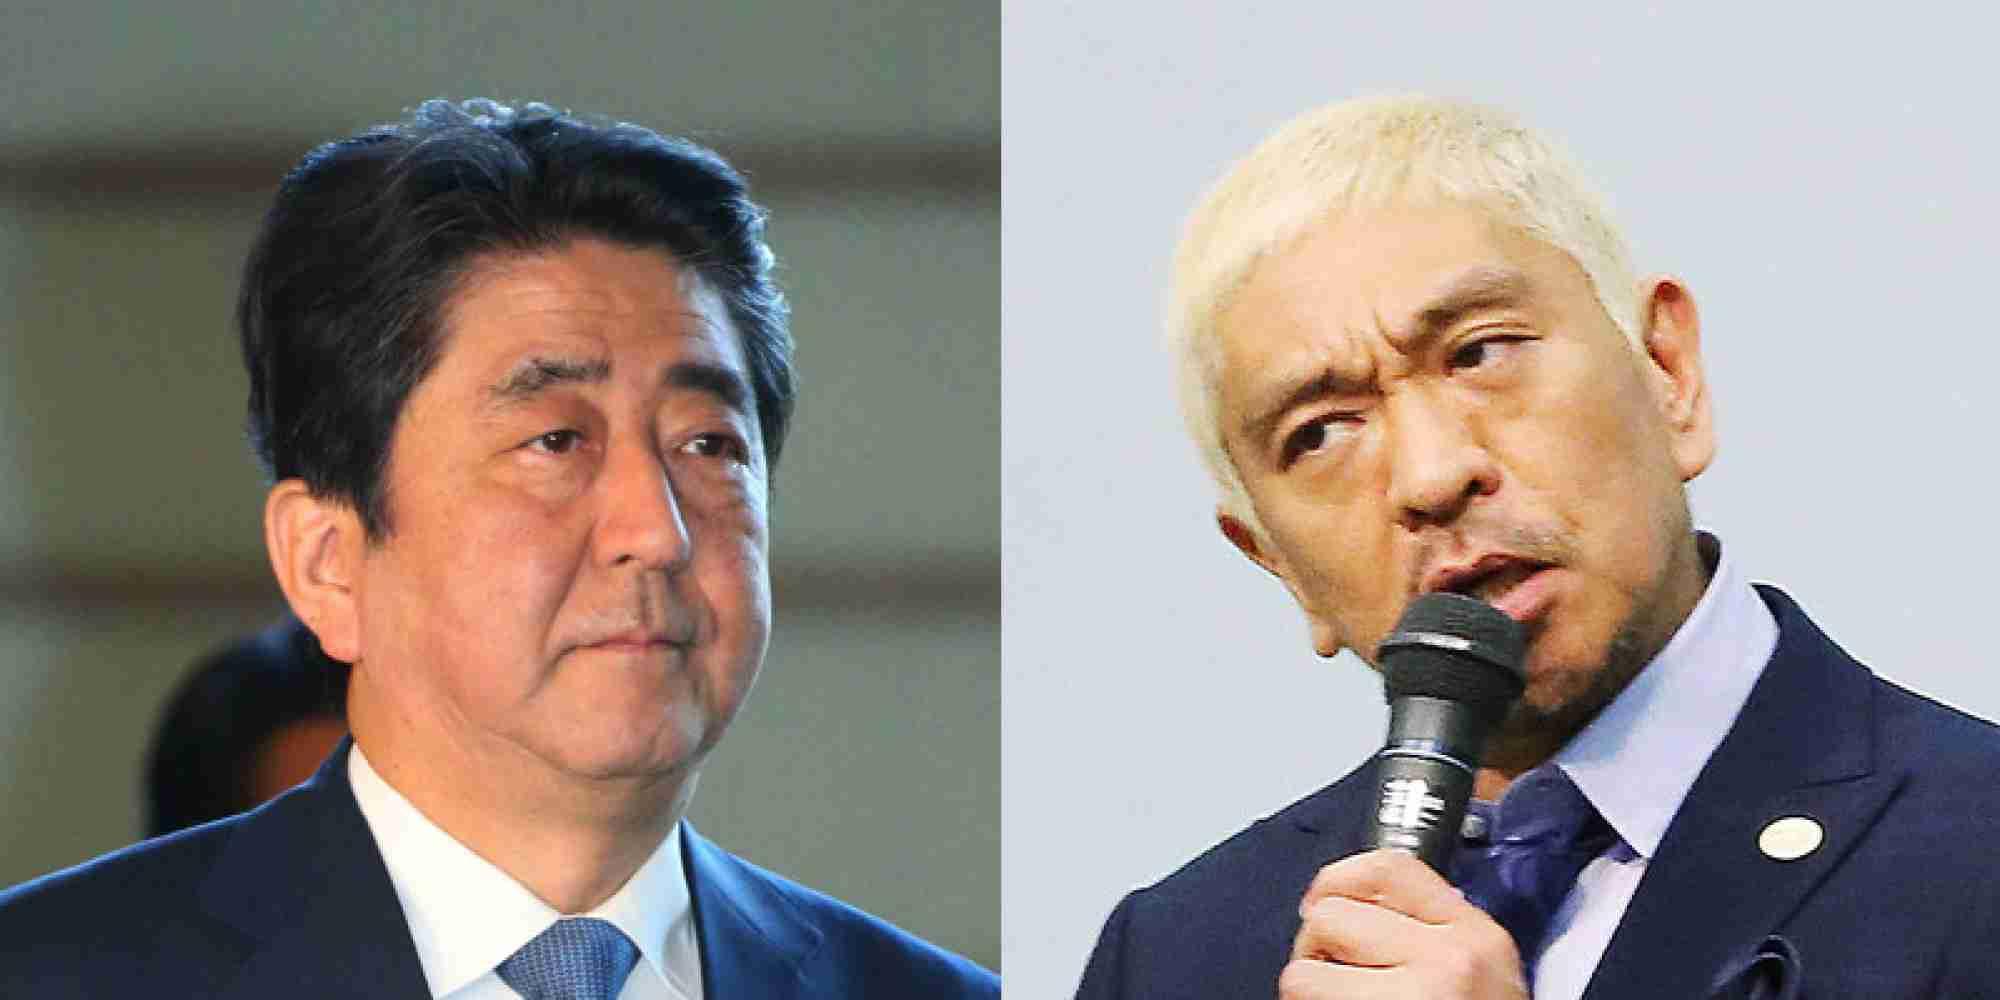 松本人志、憲法改正に前向きコメント ワイドナショーで「安倍政権のやること全部が間違いではない」